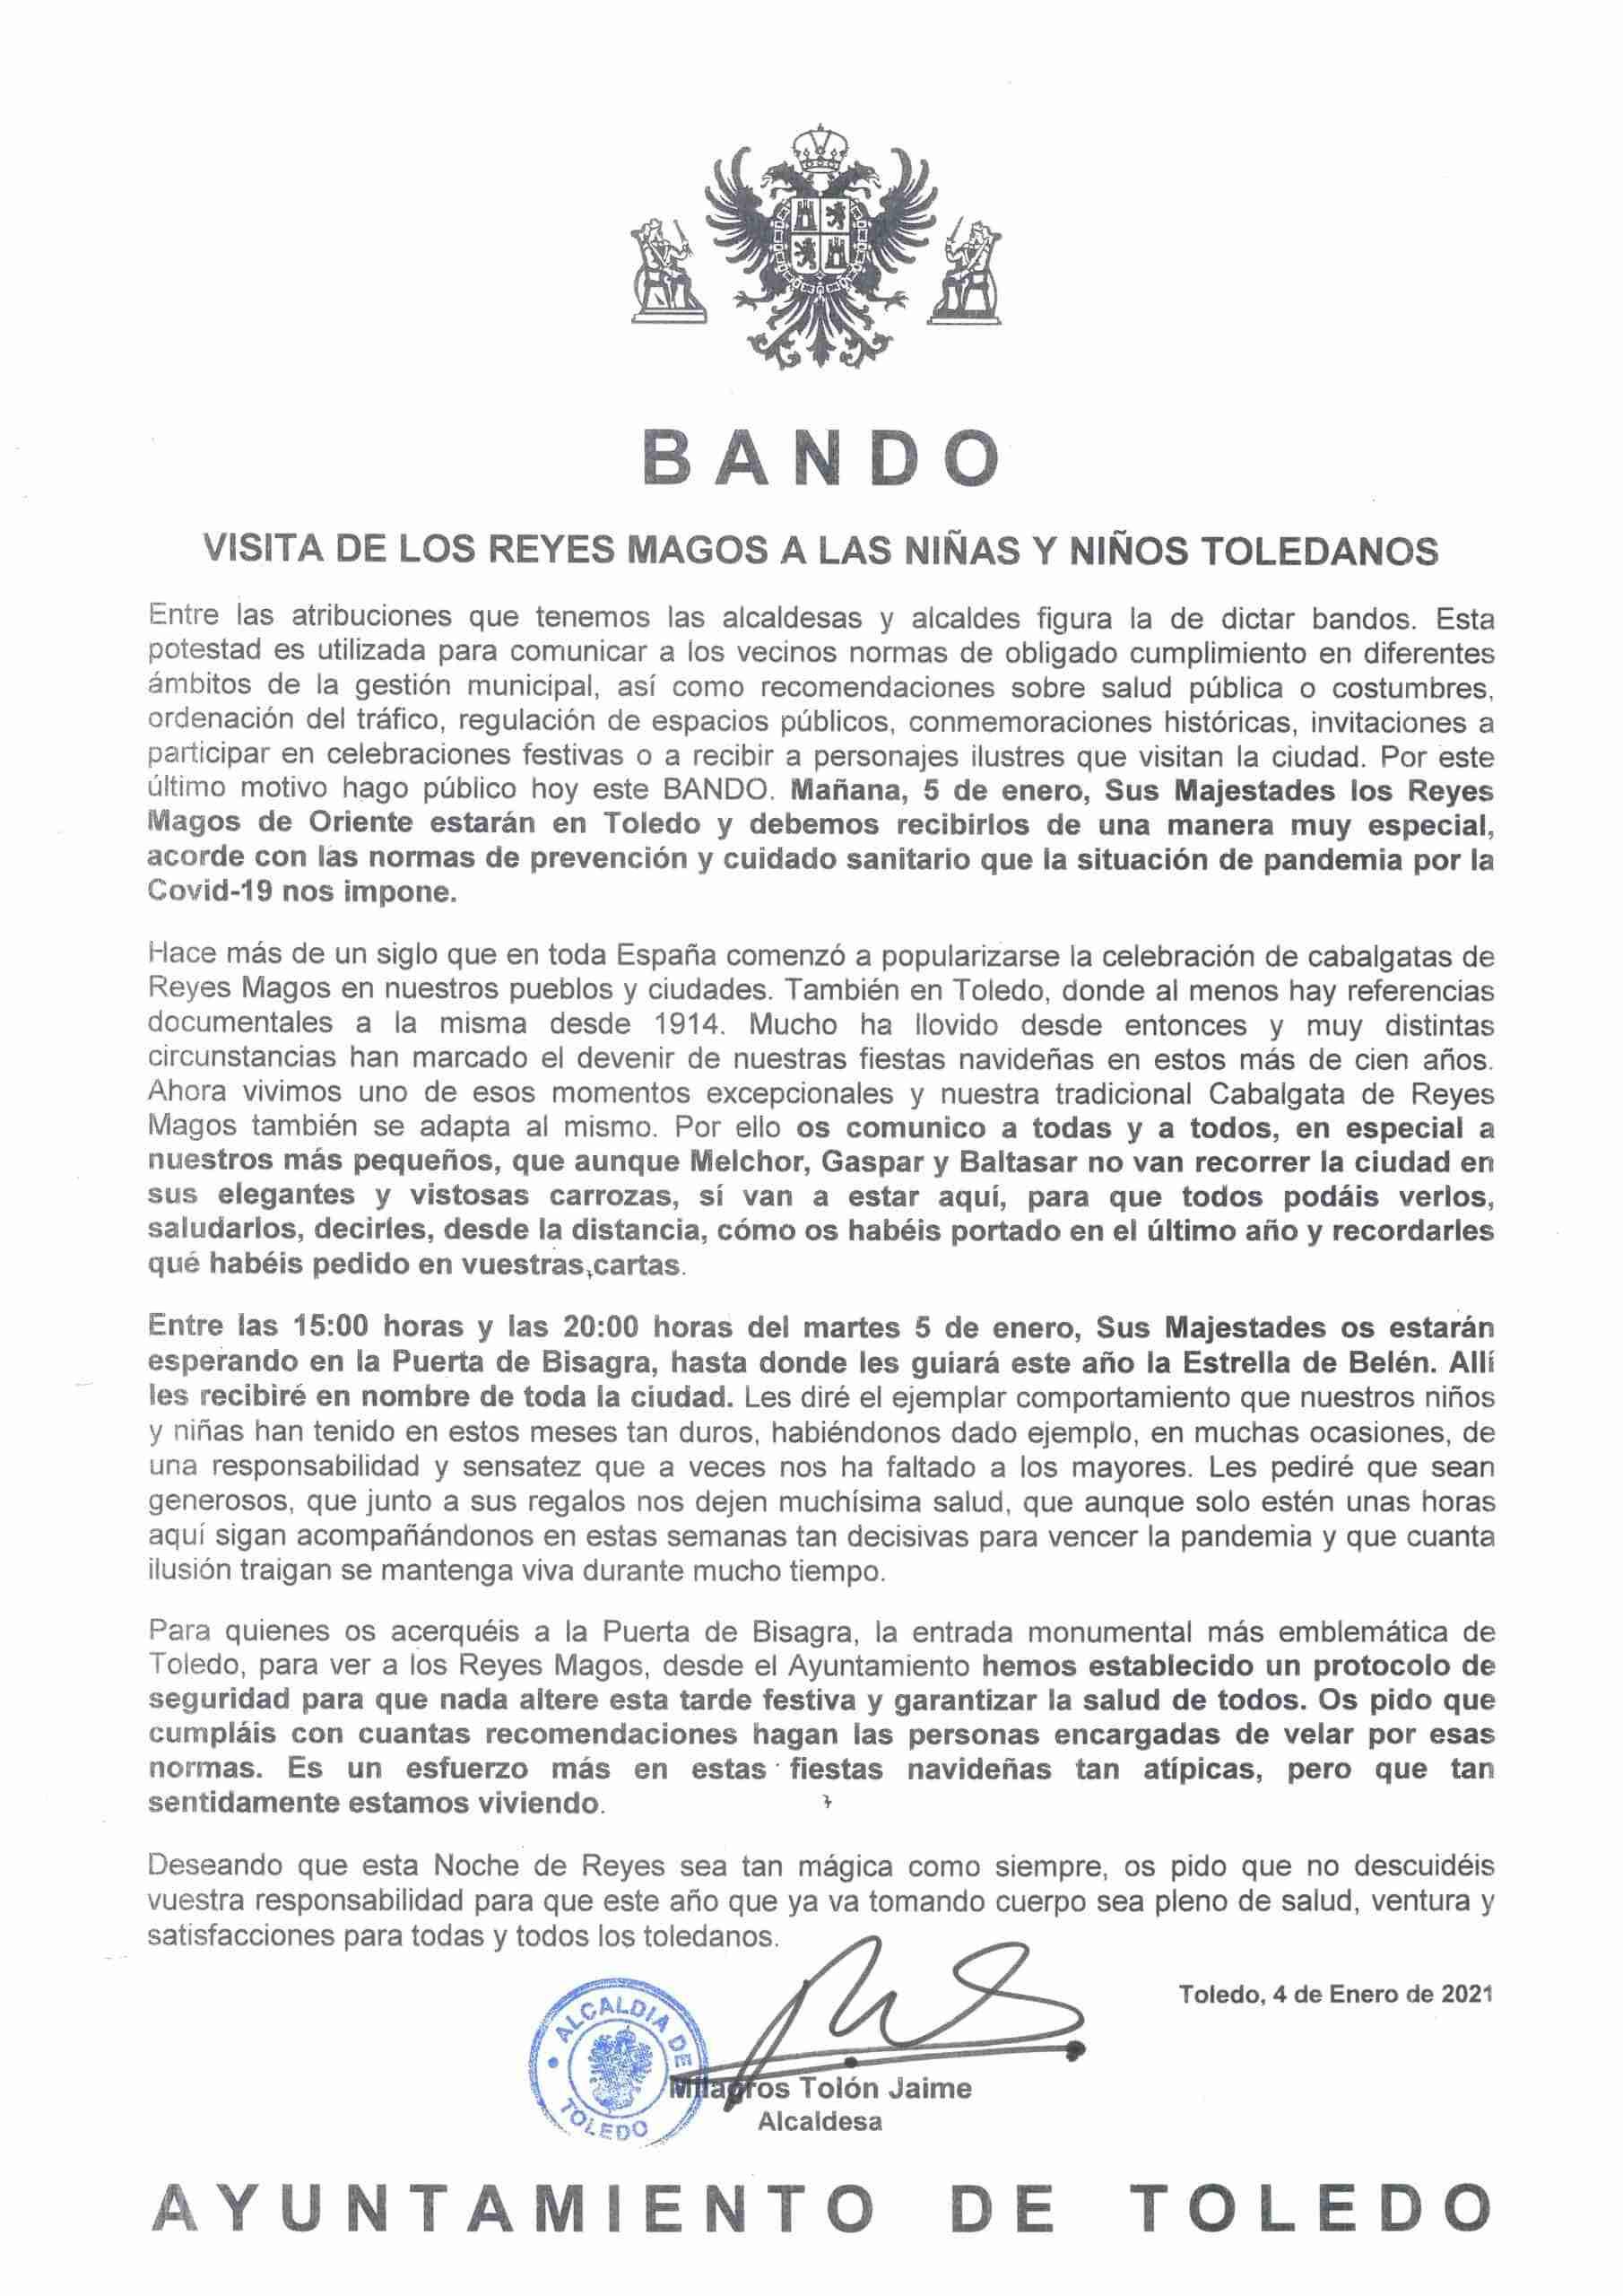 La alcaldesa de Toledo firma un Bando dirigido a los niños de Toledo con motivo de la visita de los Reyes Magos 3